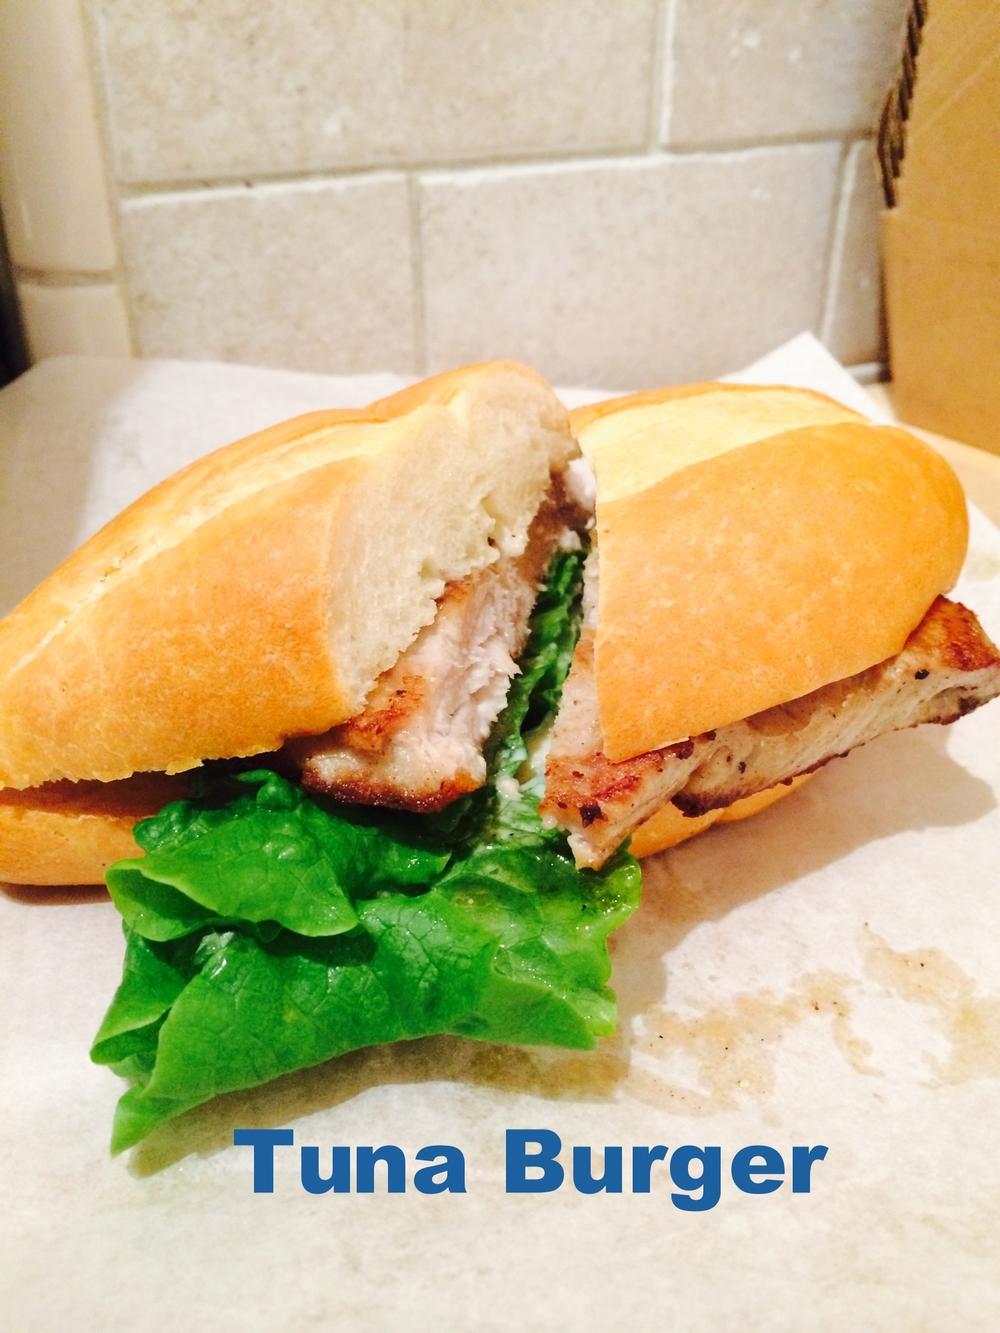 Tuna Burger.JPG